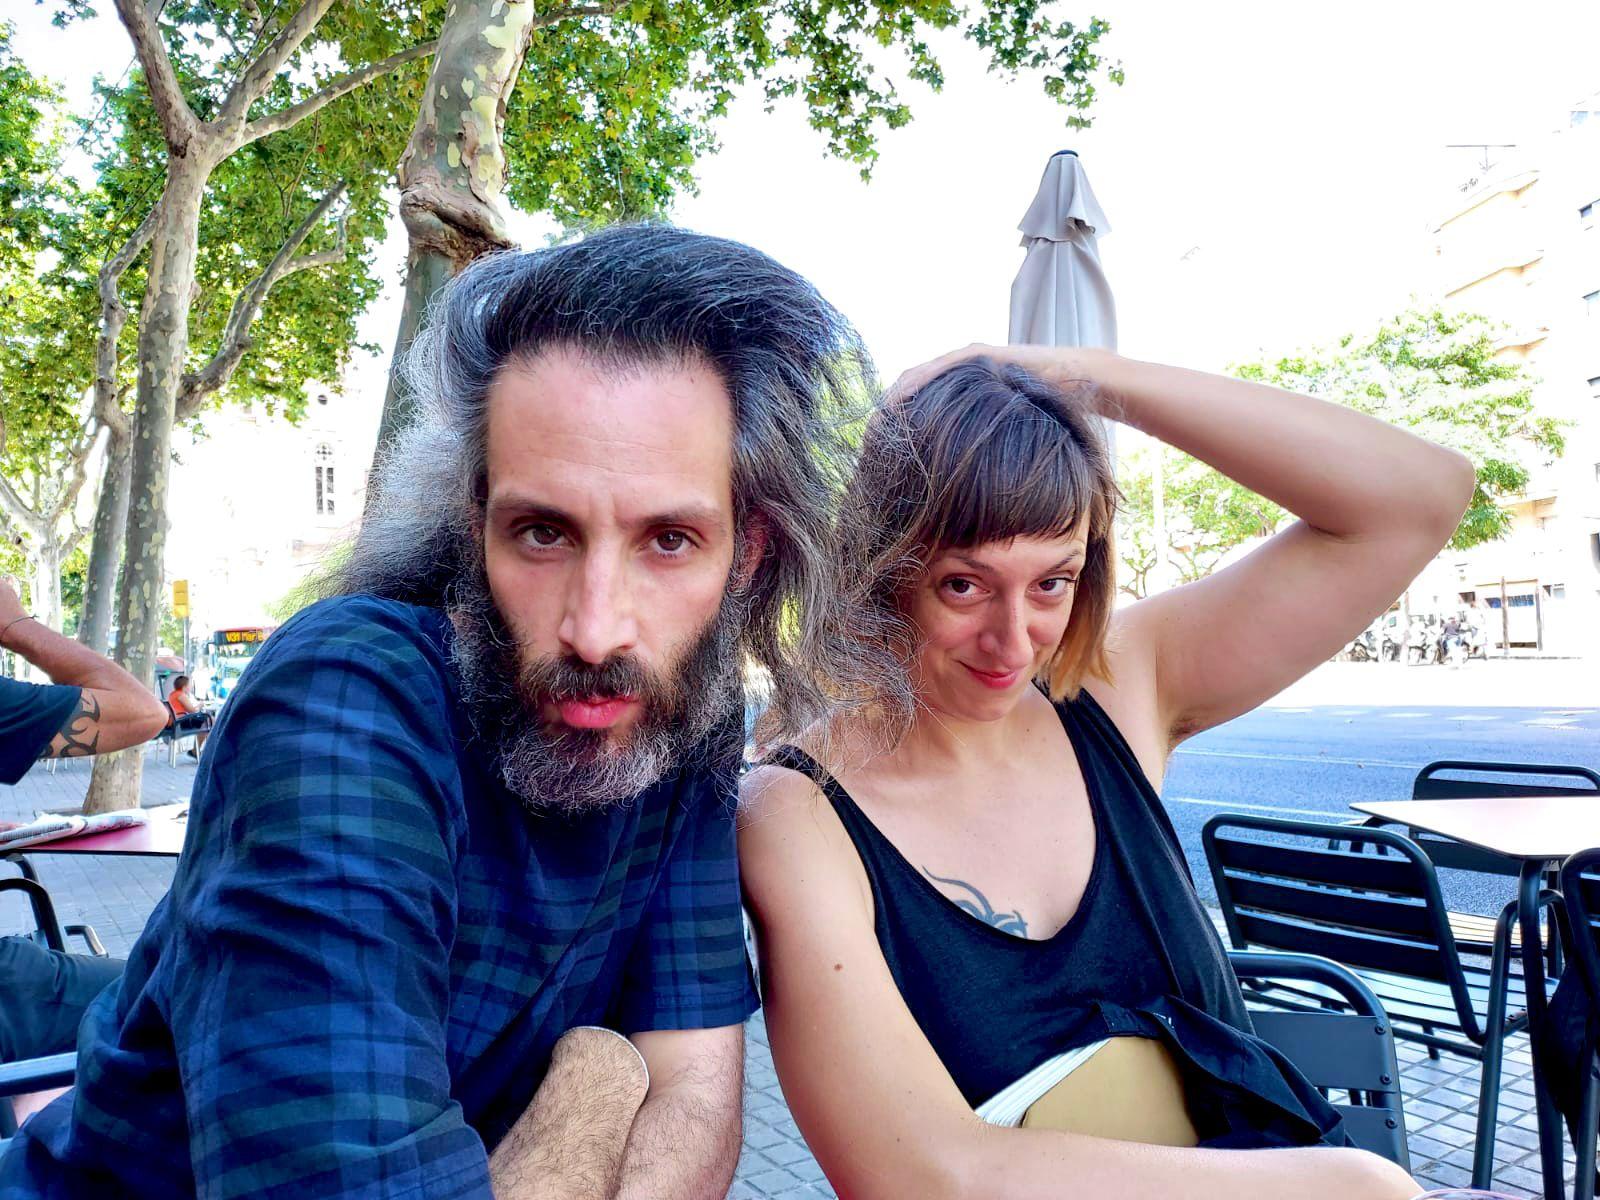 Pablo Gisbert i Tanya Beyeler, integrants d'El Conde de Torrefiel.